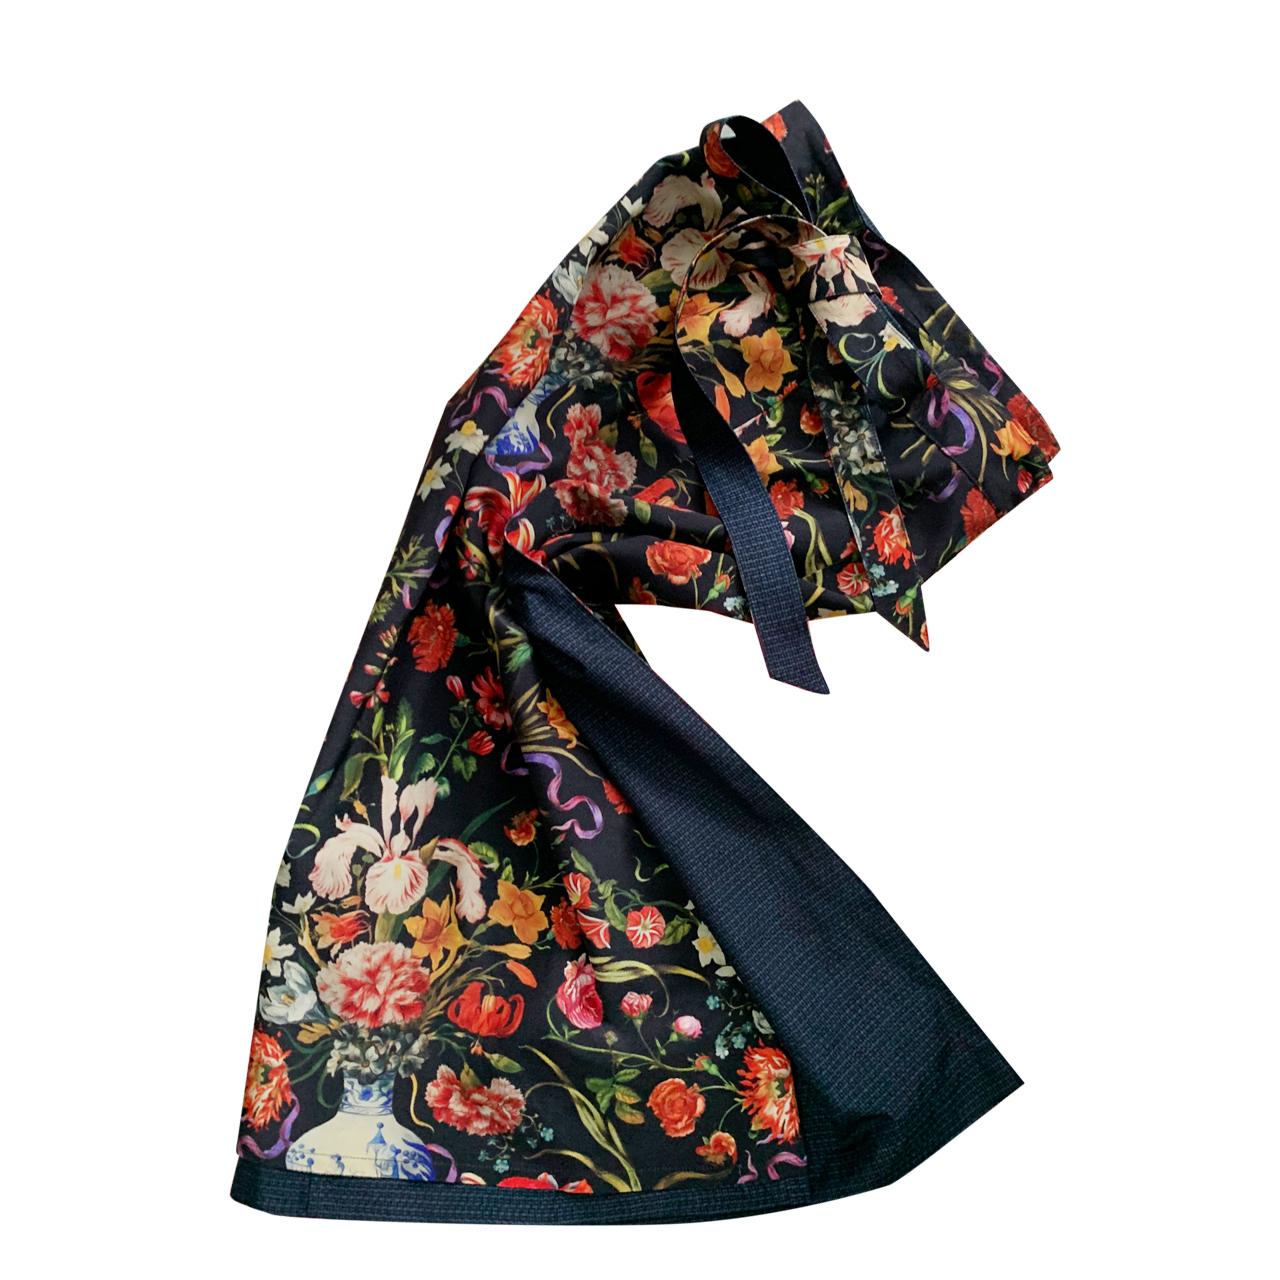 Flower Vase Black - Long Straight